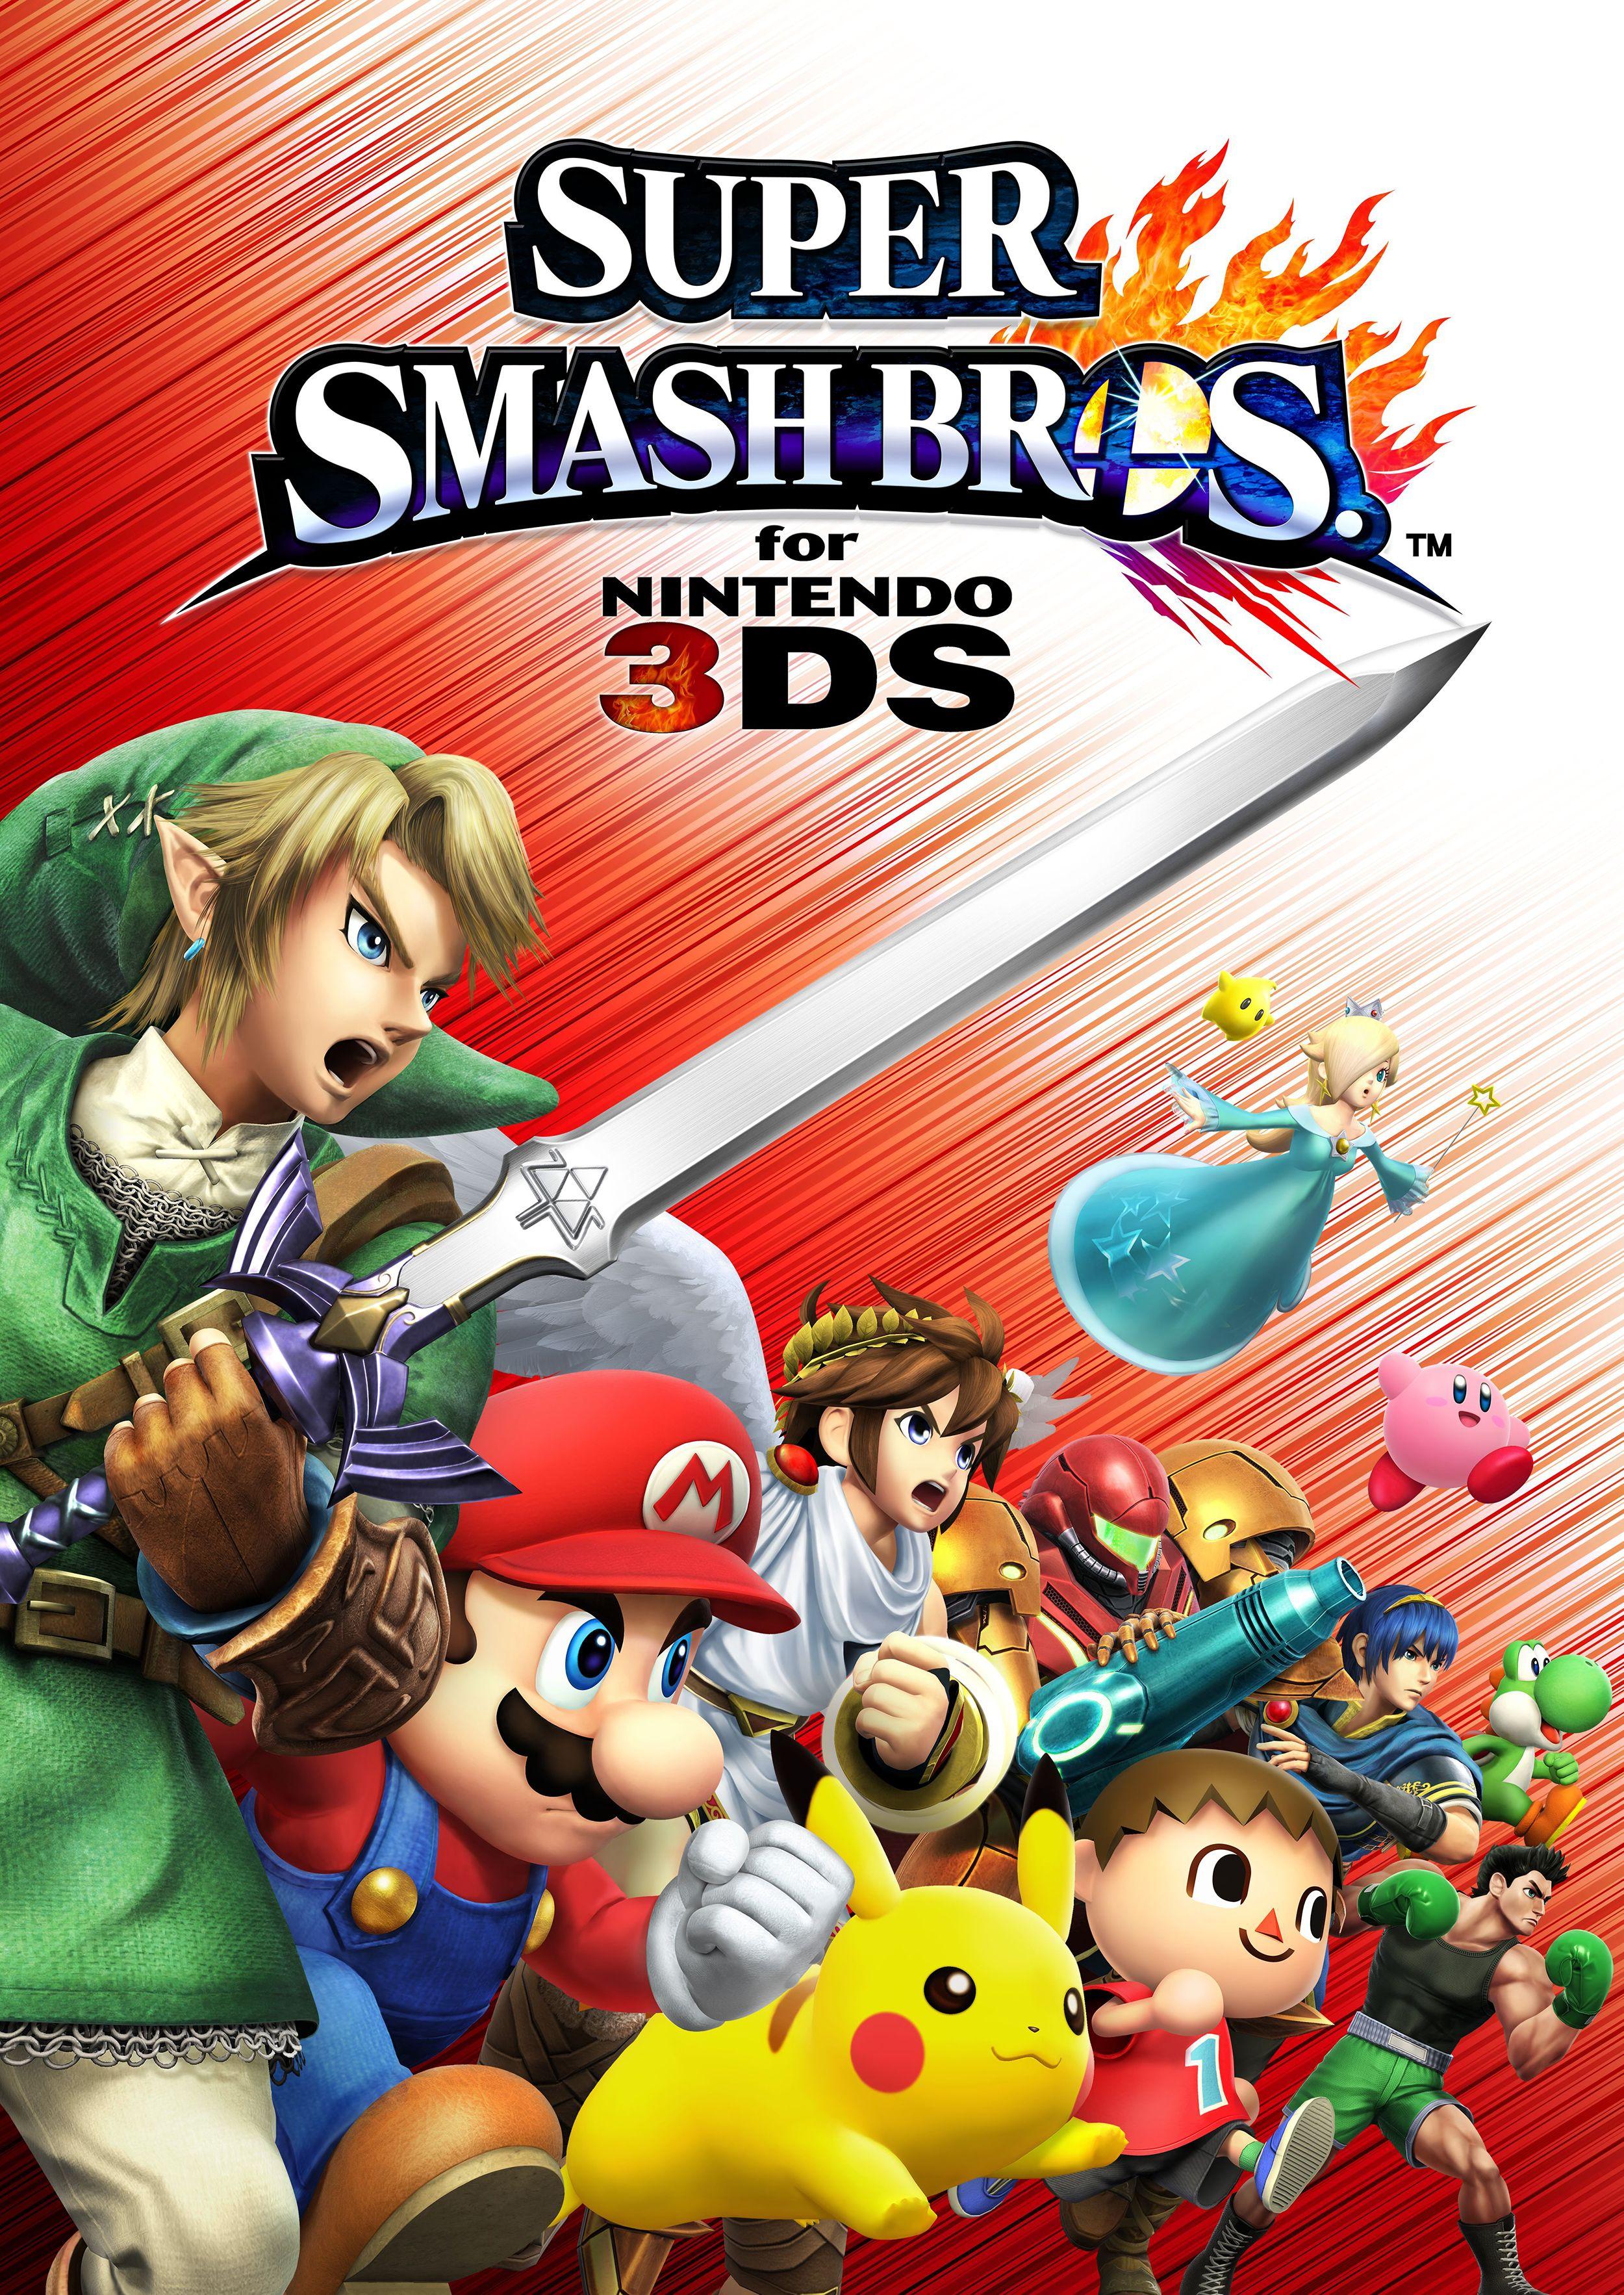 Official Illustration For Super Smash Bros On